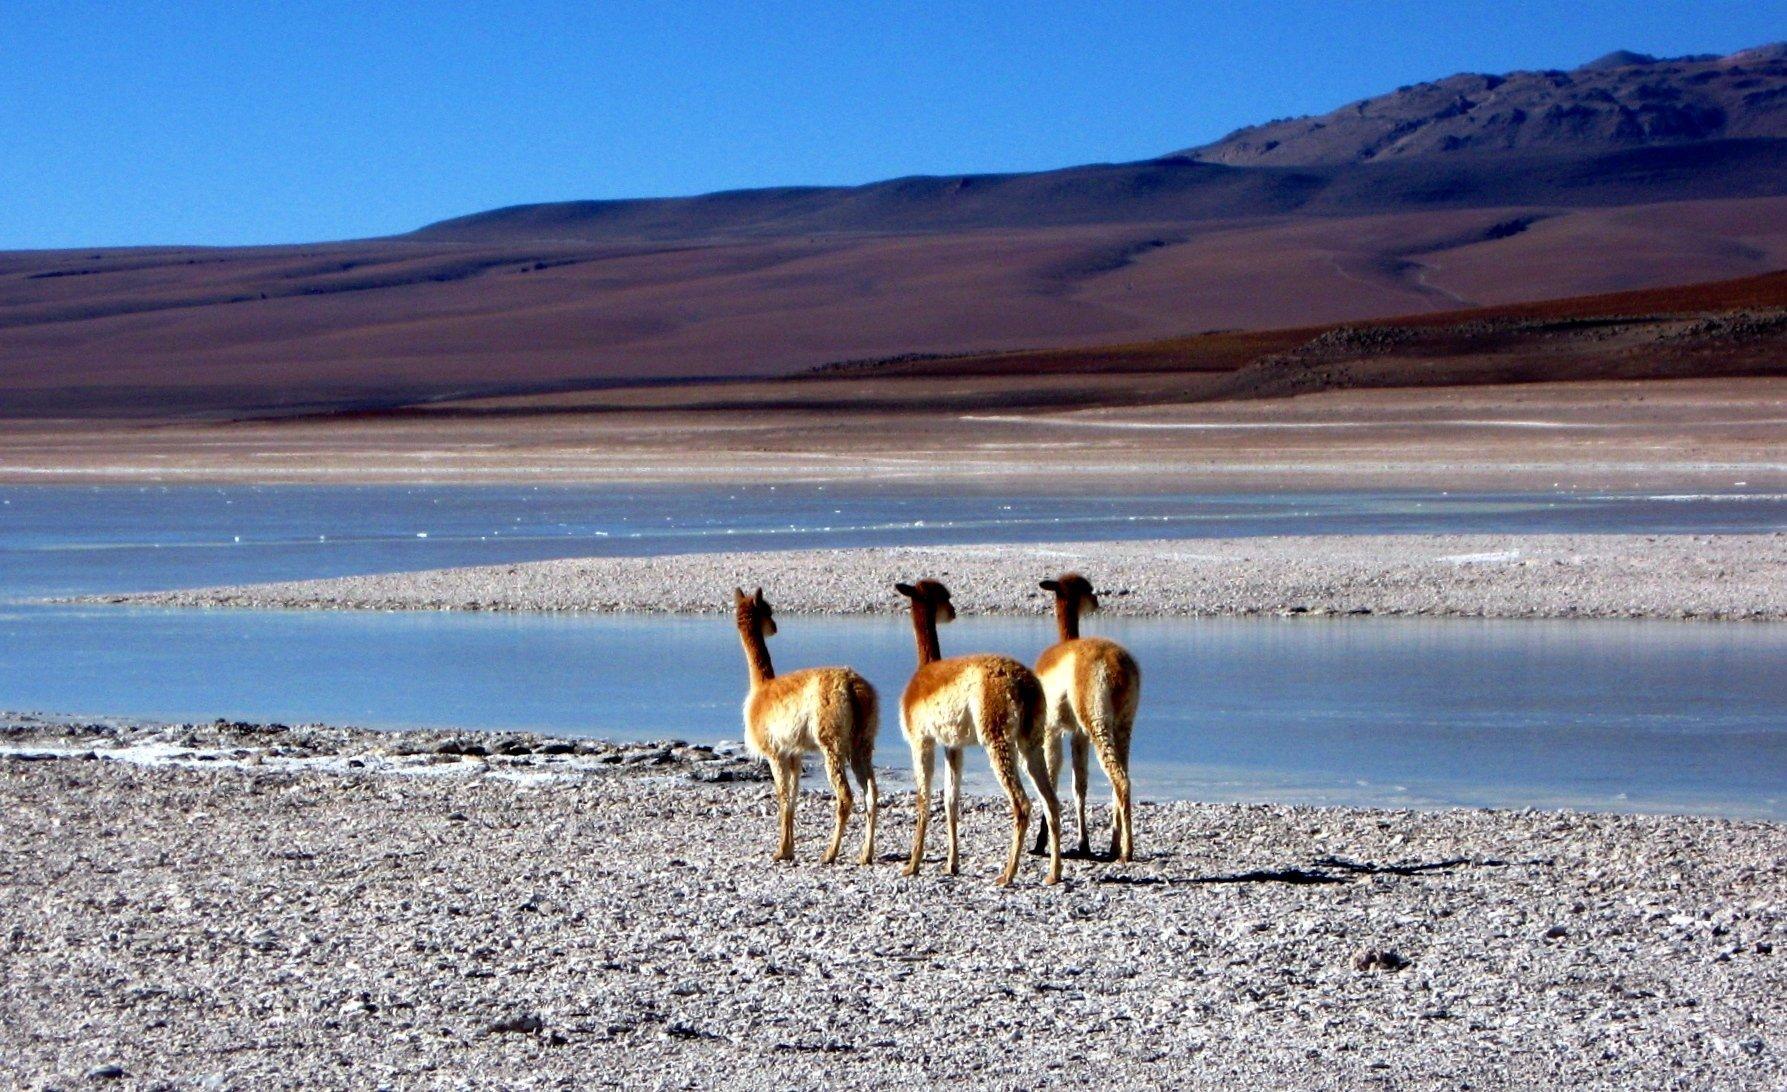 Vicunas close to Laguna Verde in Bolivia - A photo blog of Bolivia